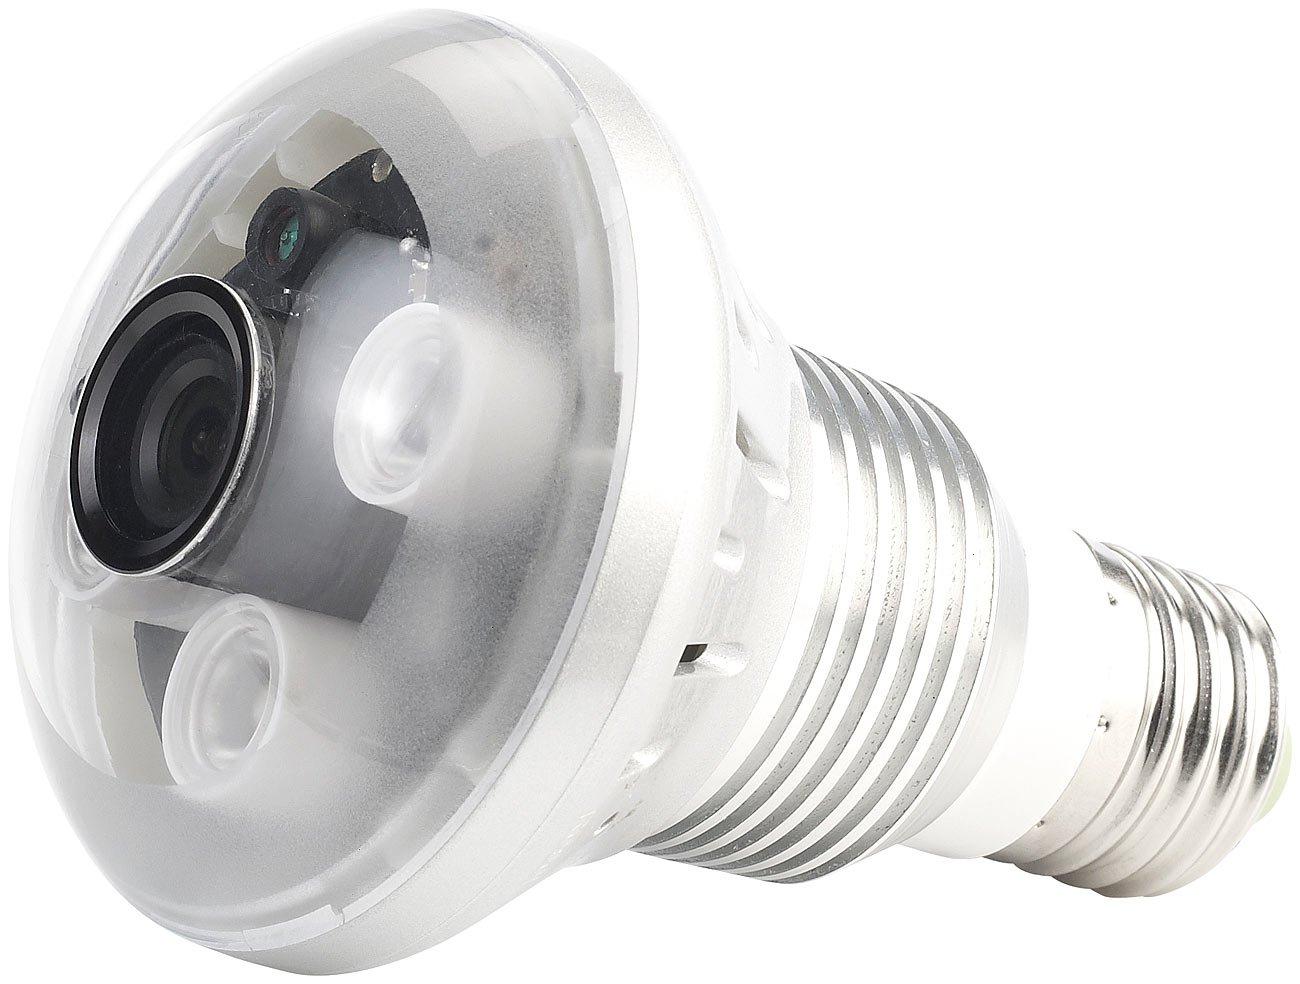 OctaCam LEDLampe, 3W, E27 mit integrierter HD und IRLEDs  BeleuchtungÜberprüfung und weitere Informationen